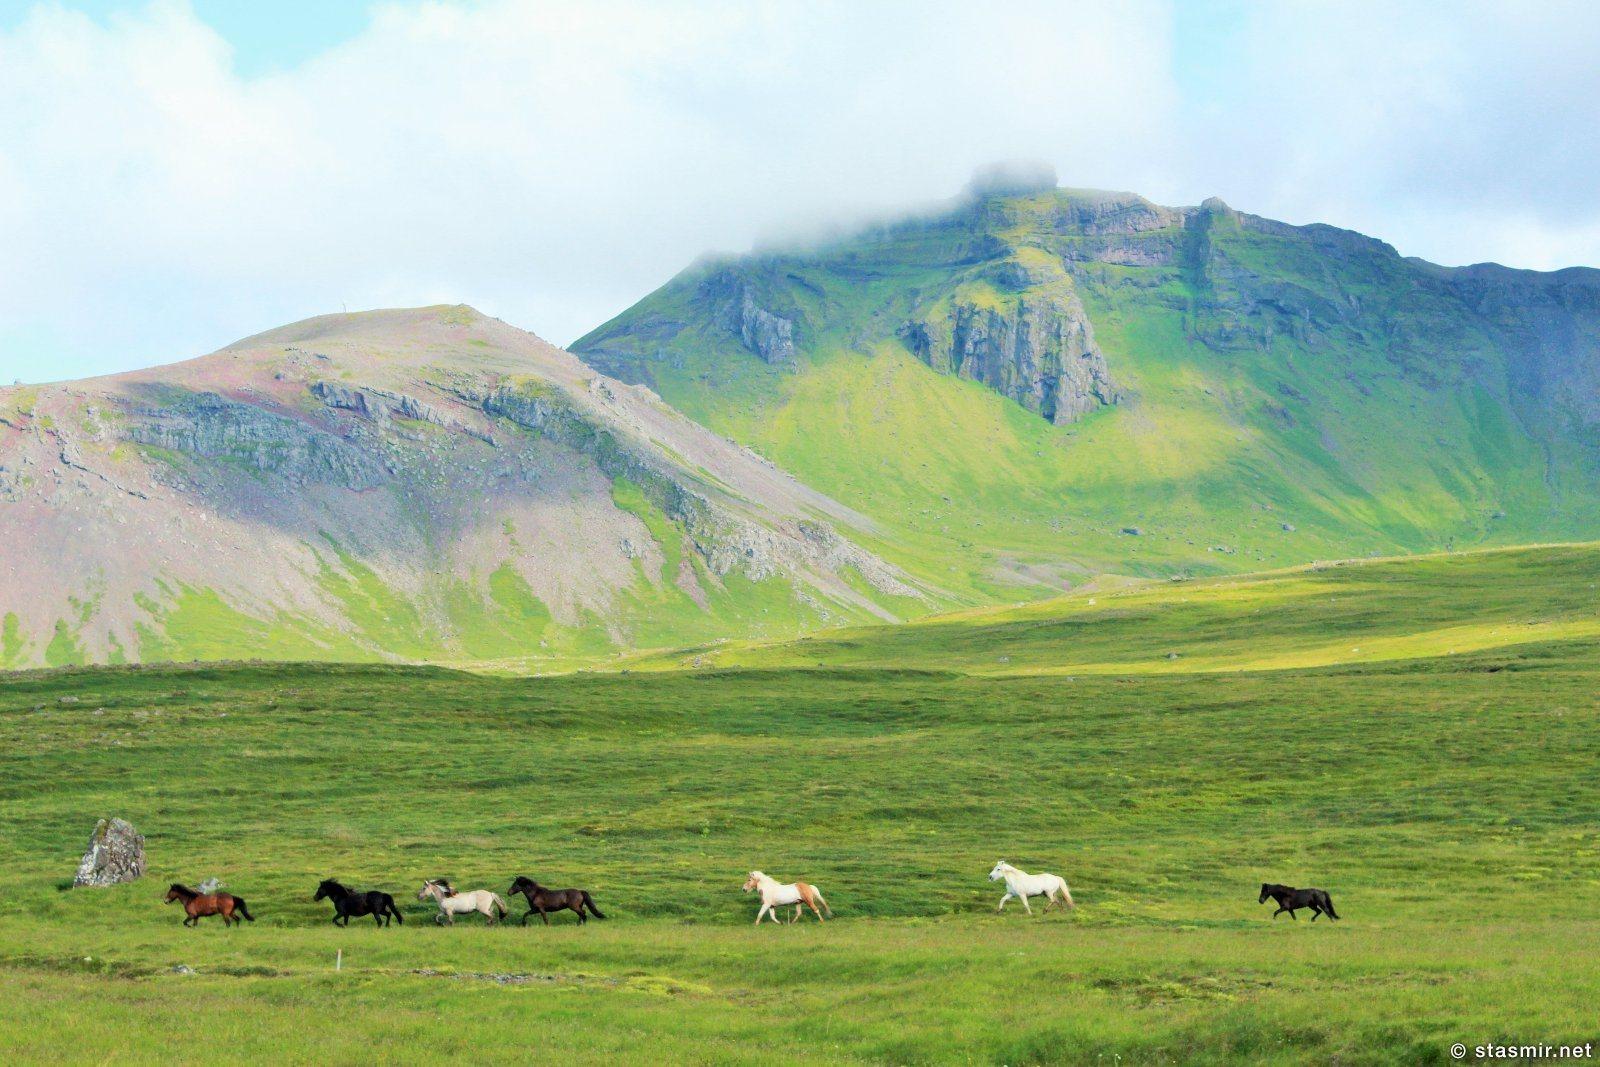 исландские лошадки, полуостров снайфедльснес, Западная Исландия, Photo Stasmir